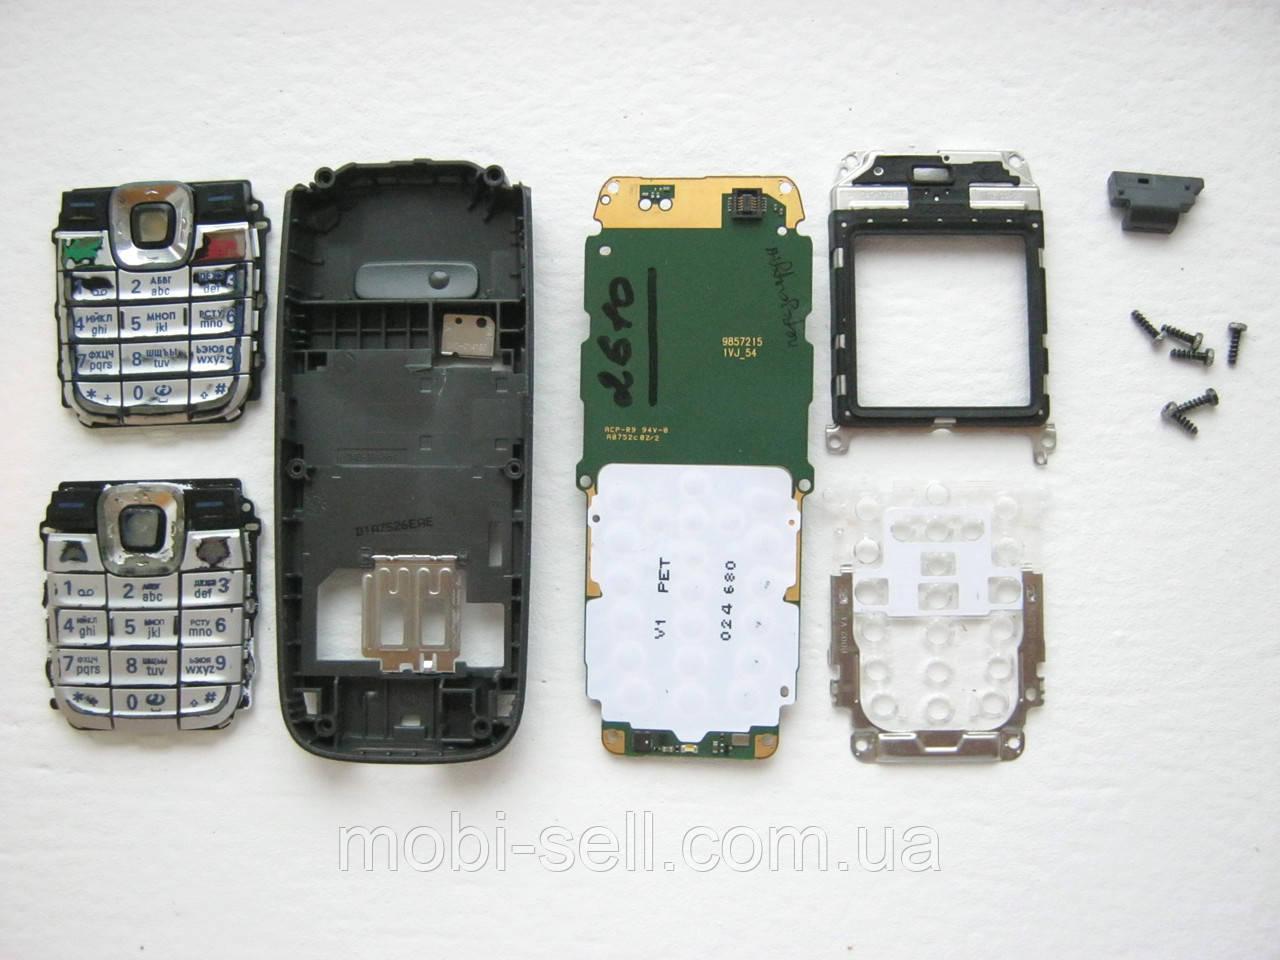 Запчасти для Nokia 2610 (плата, средняя часть корпуса, светофильтр, рамка дисплея, клавиатура